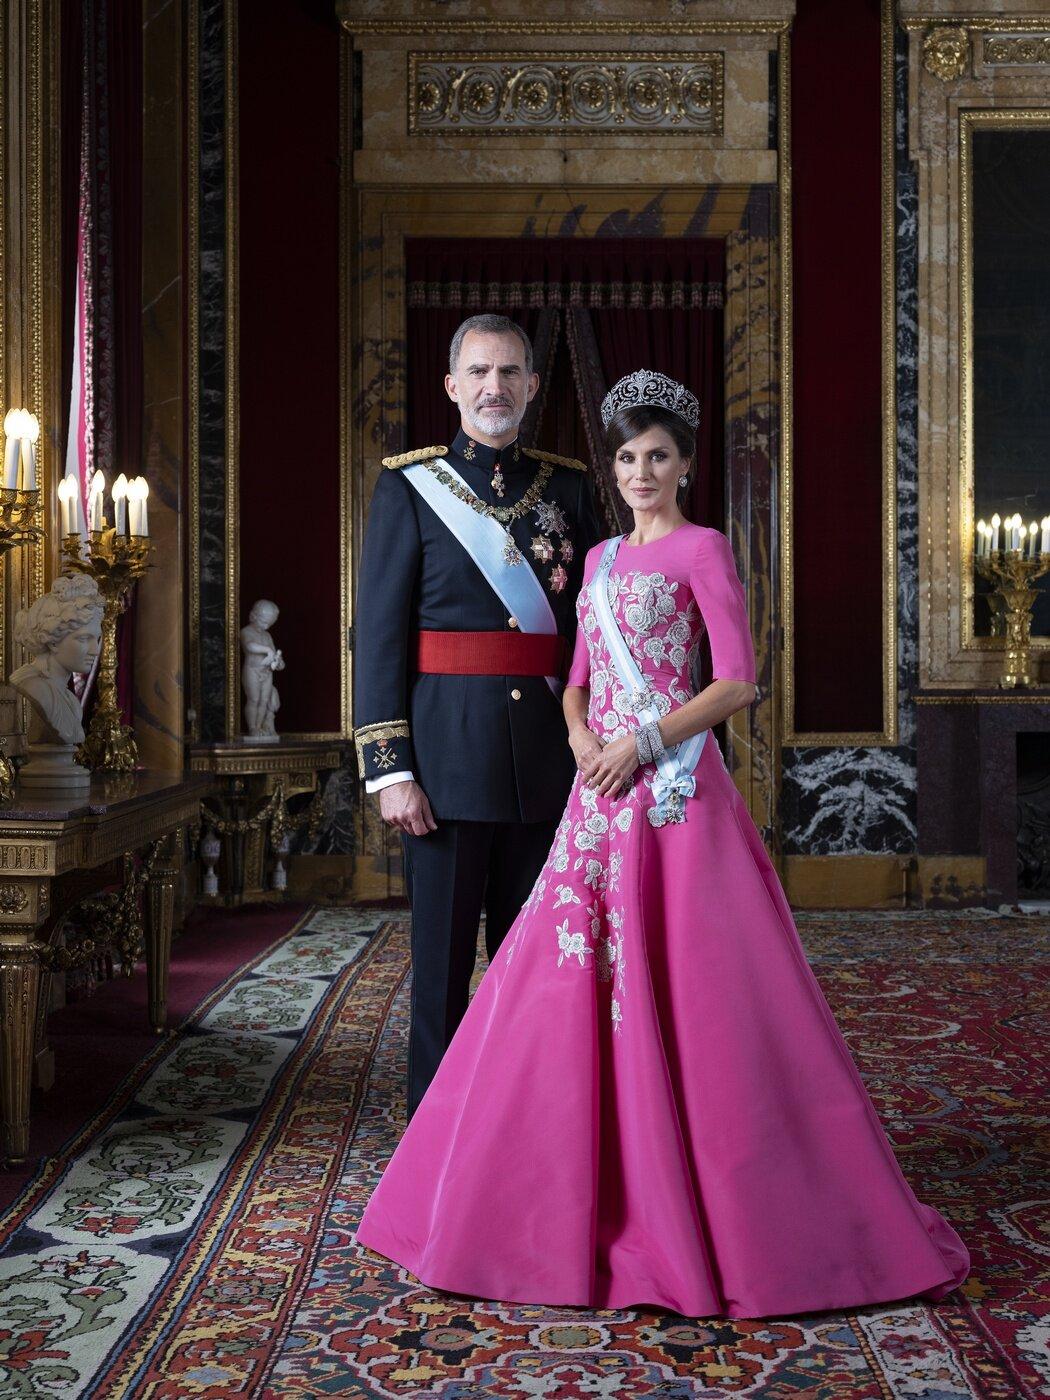 König Felipe und Königin Letizia posieren im Gala-Outfit im Palast.  © Casa de S.M. el Rey, Estela de Castro